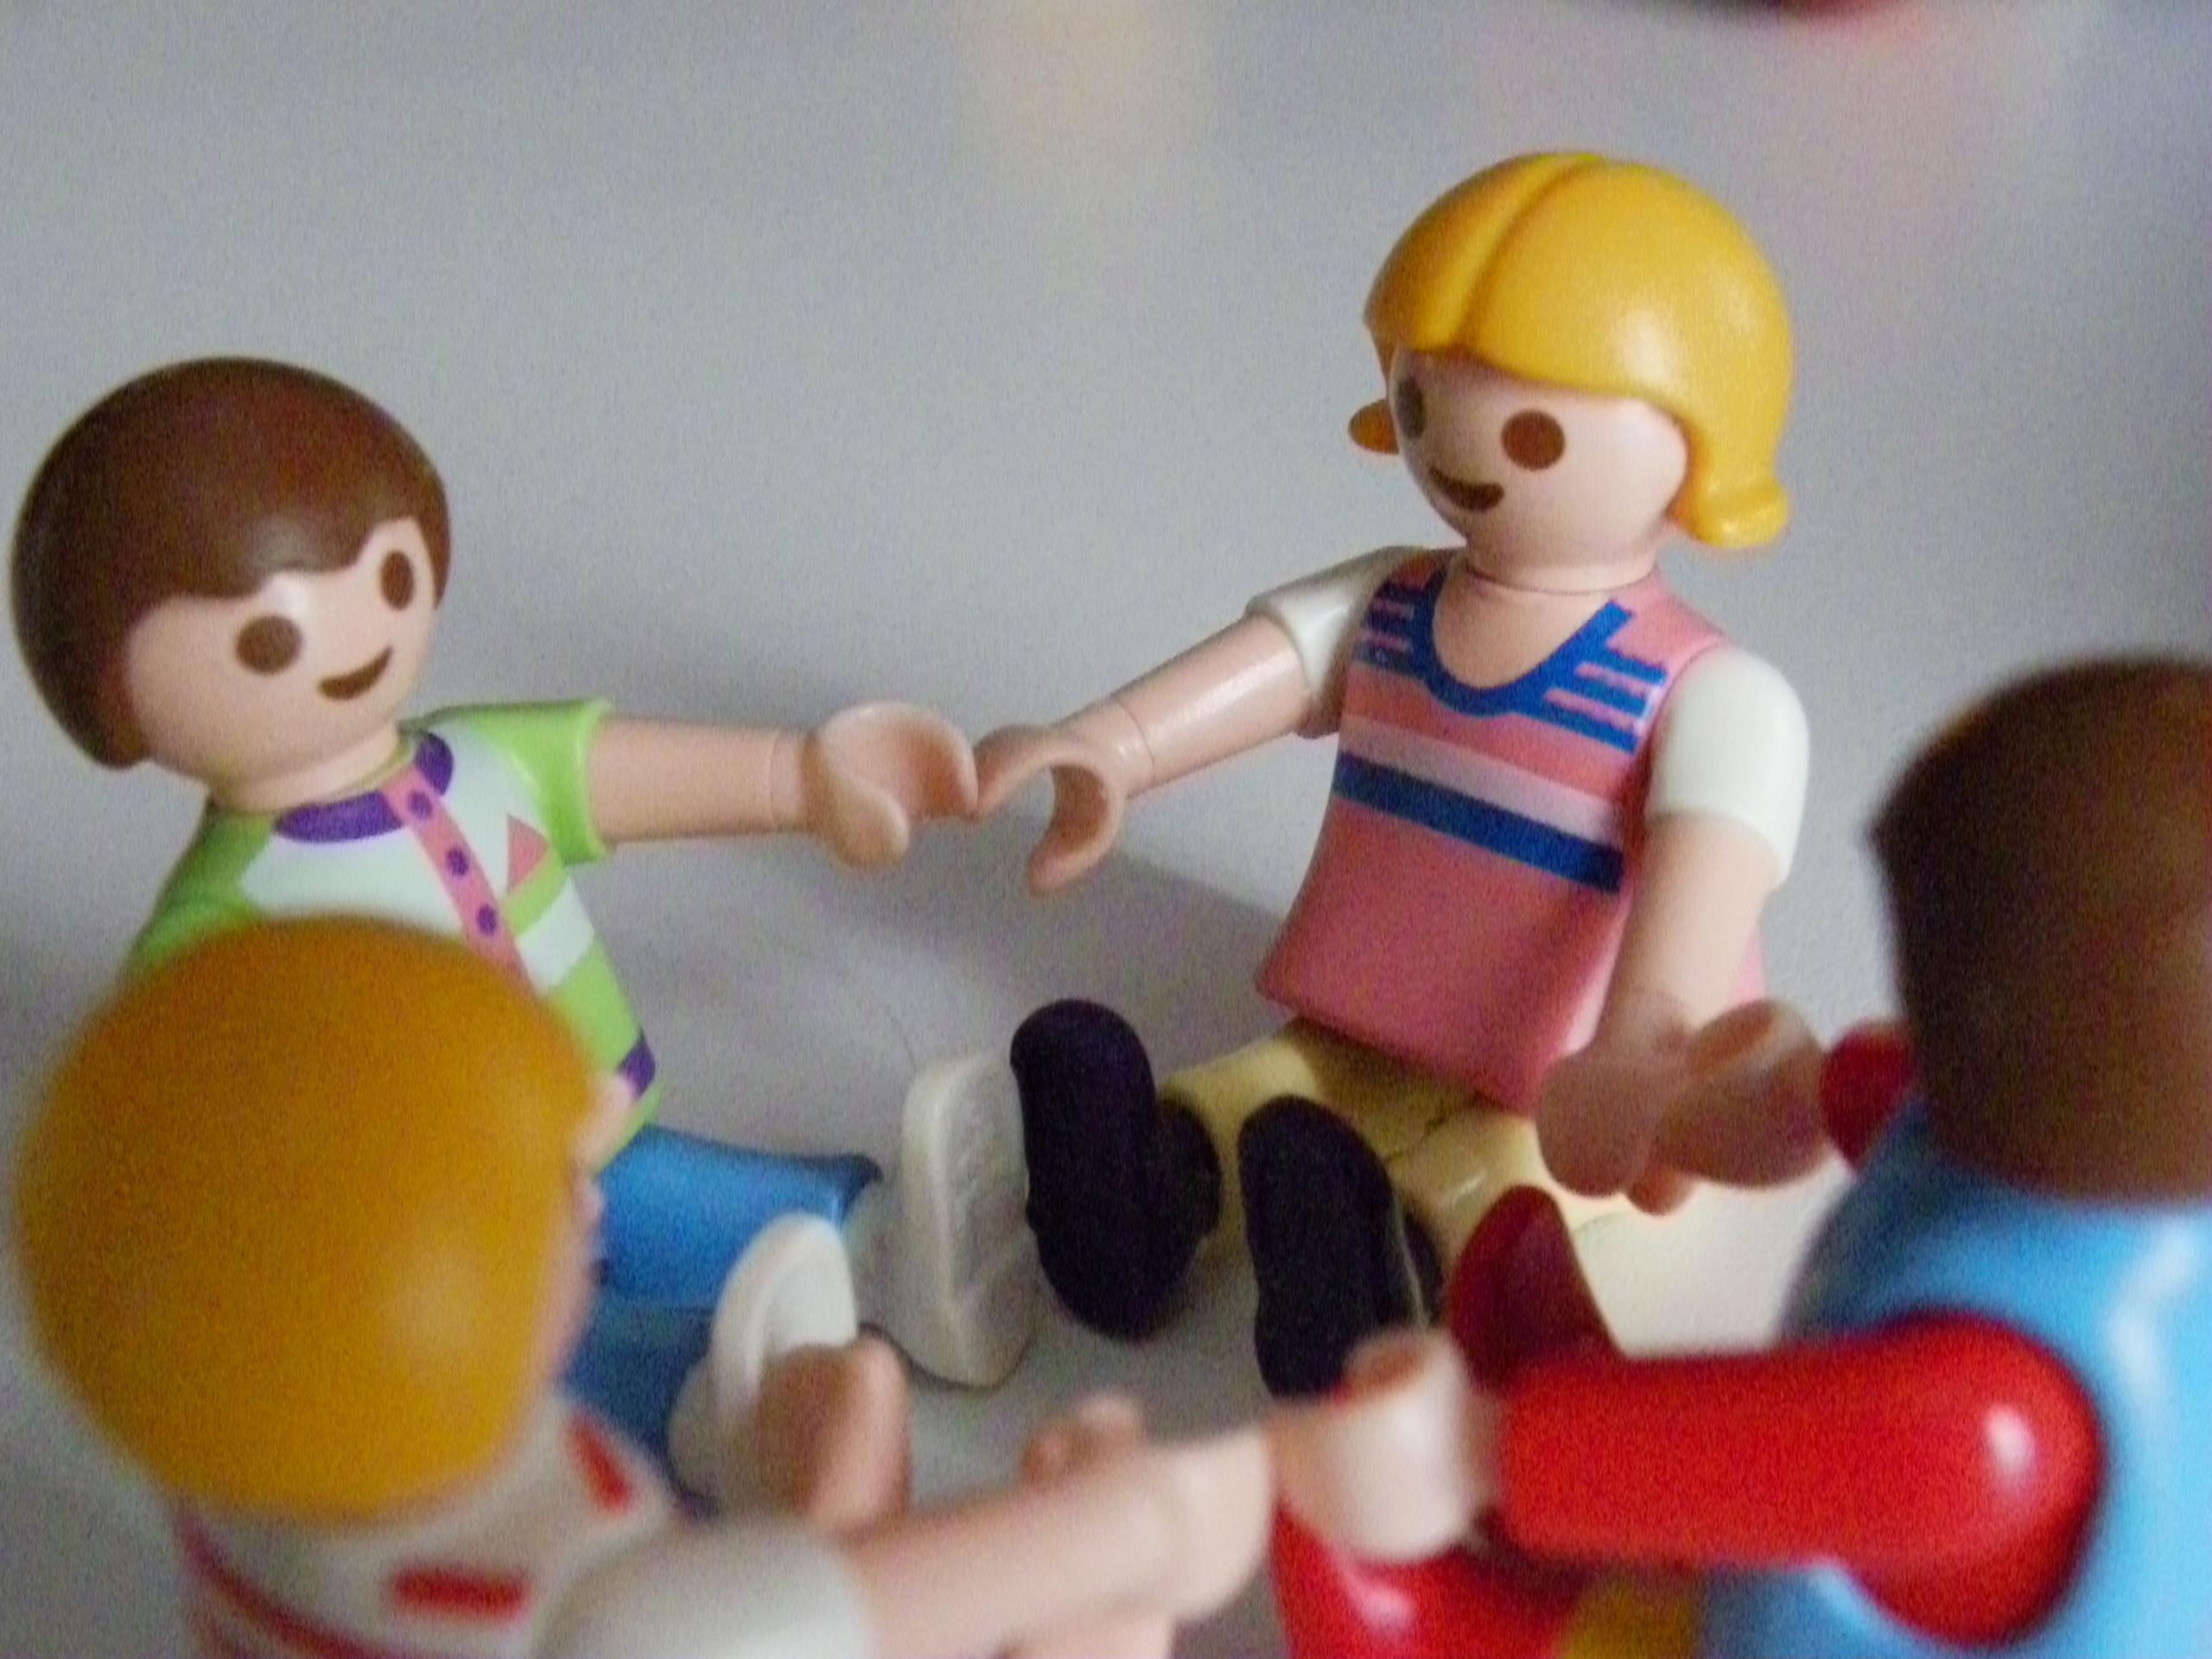 Θα αγοράσετε κούκλα στο αγοράκι σας;